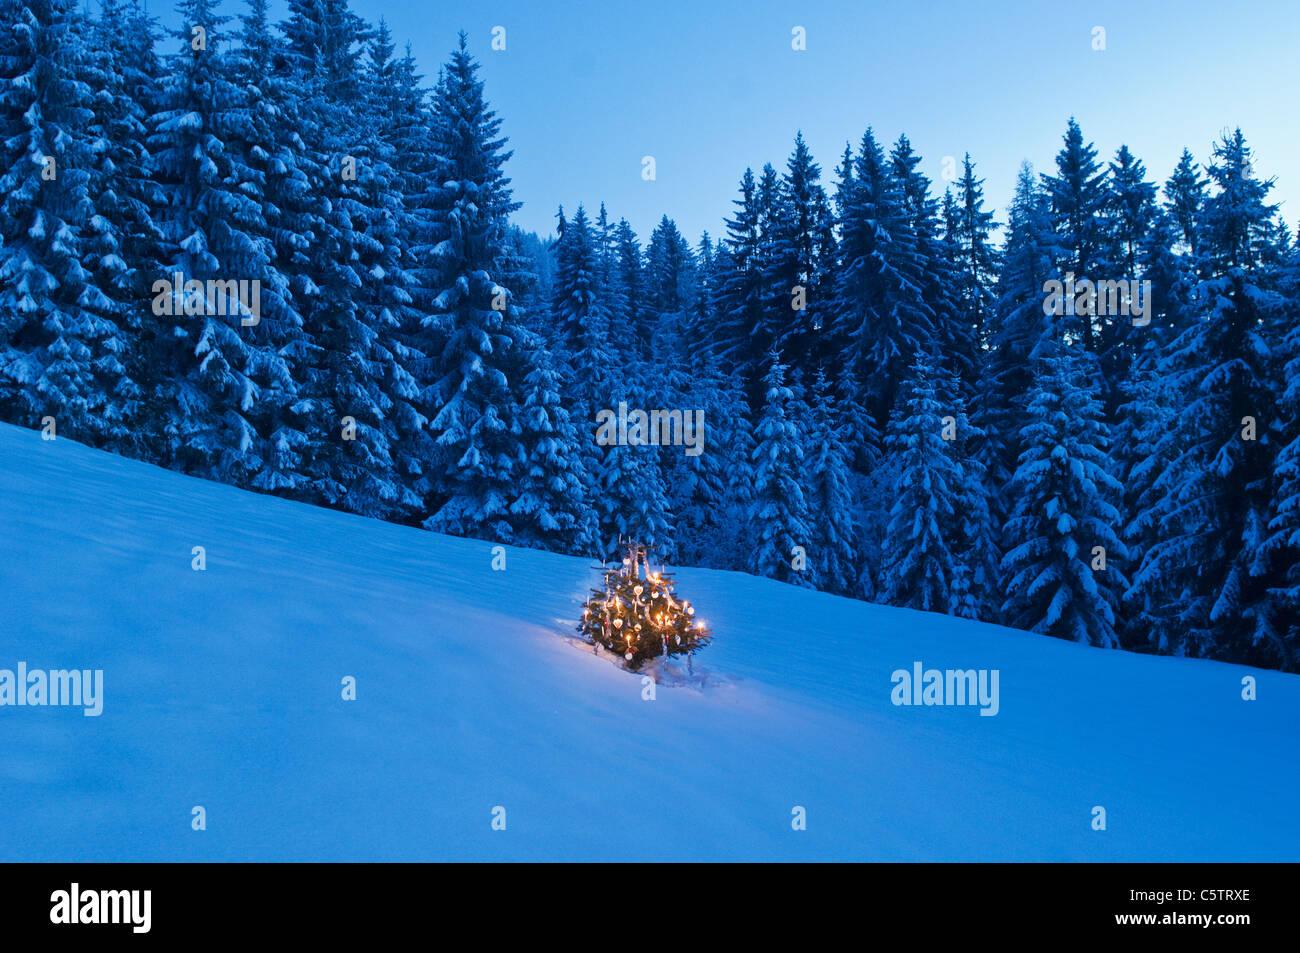 Austria, Salzburg, Altenmarkt-Zauchensee, View of decorated christmas tree in snowy landscape - Stock Image